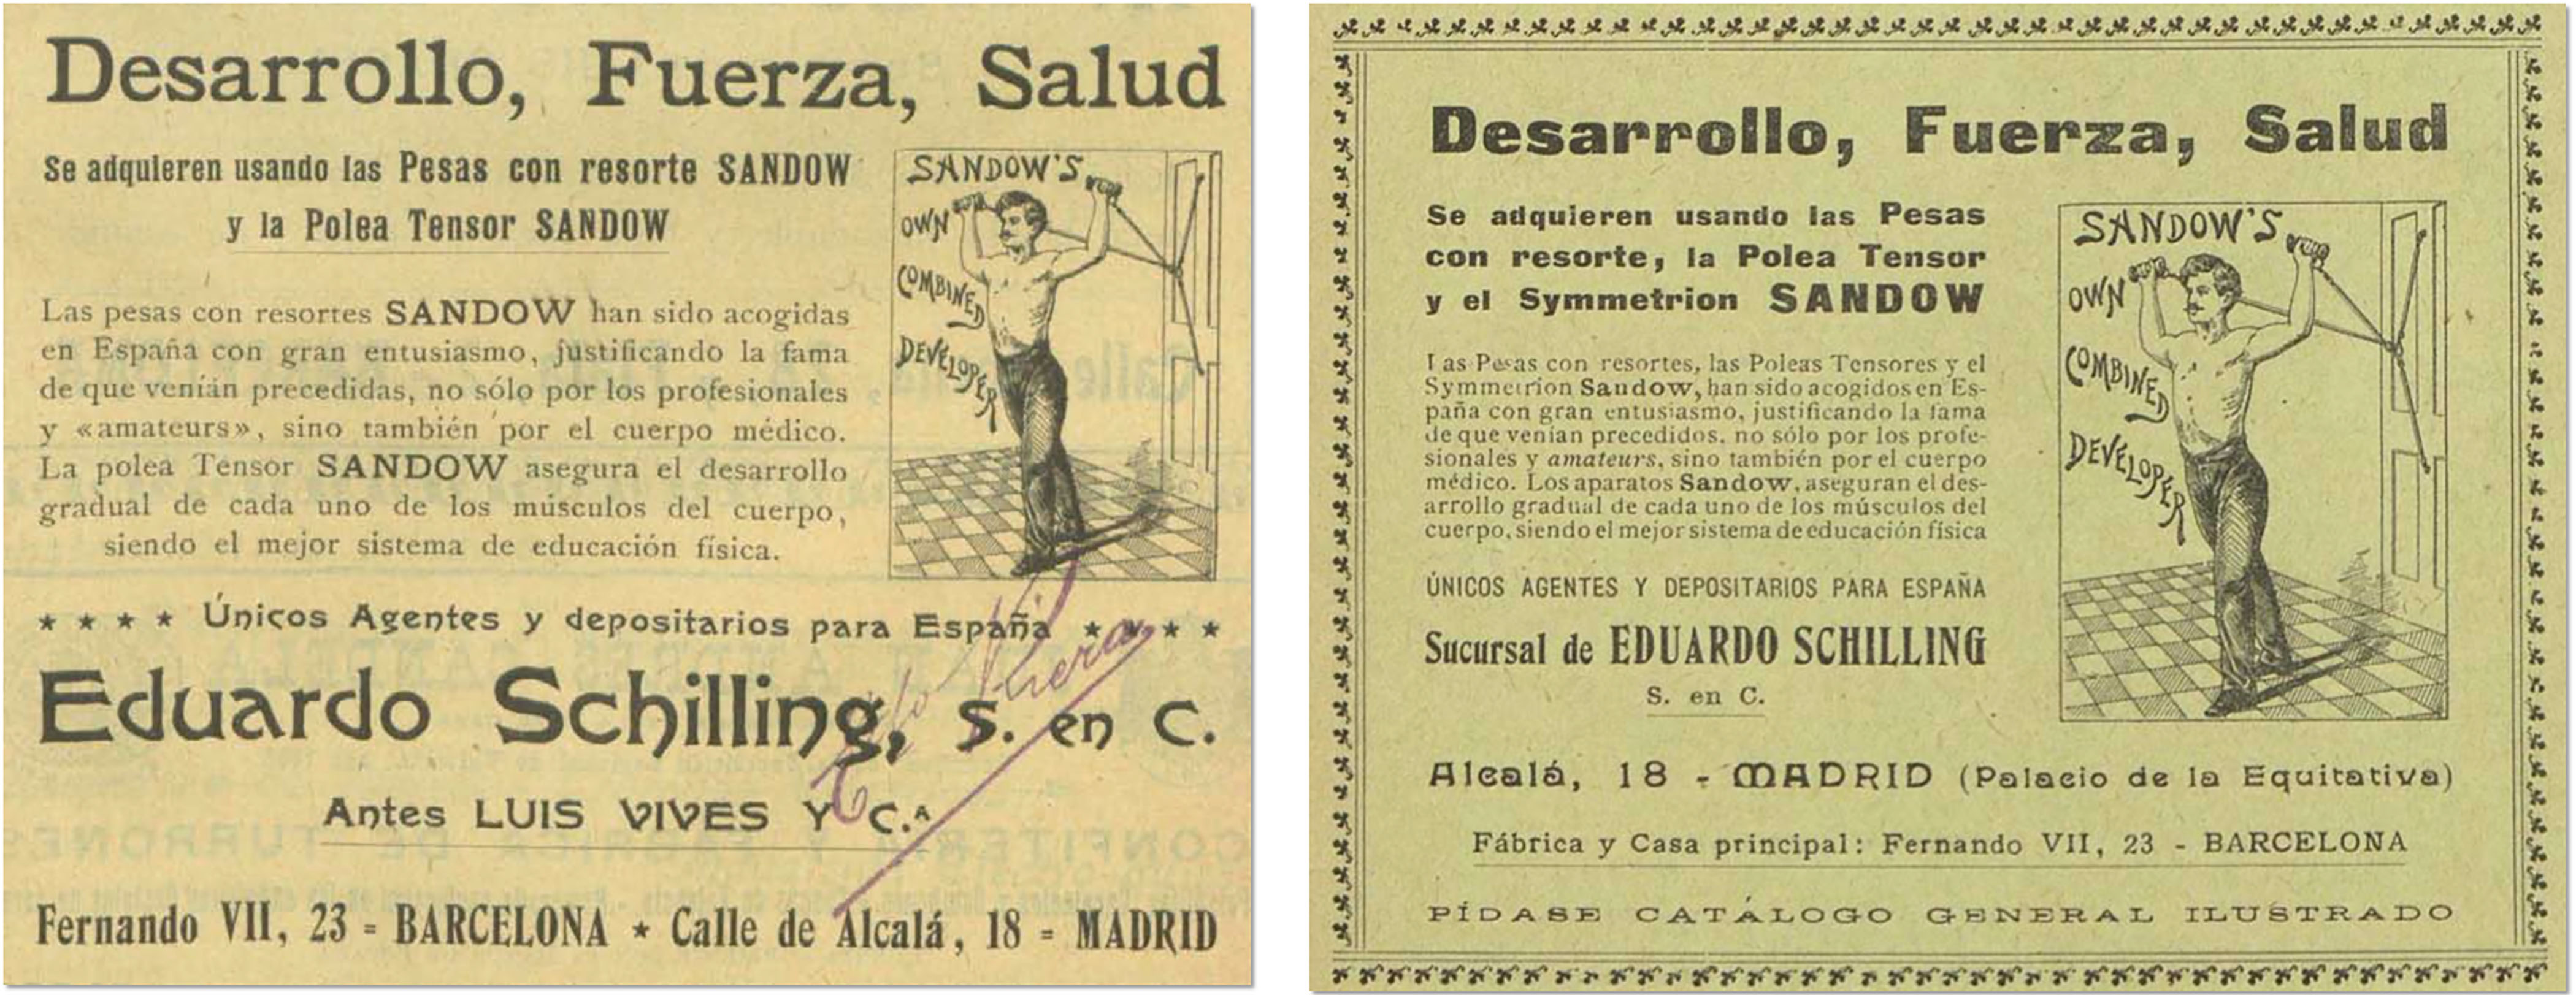 Anuario Riera, Barcelona, 1904; Directorio madrileño, p.744 (publicado por el Anuario Riera), 1905